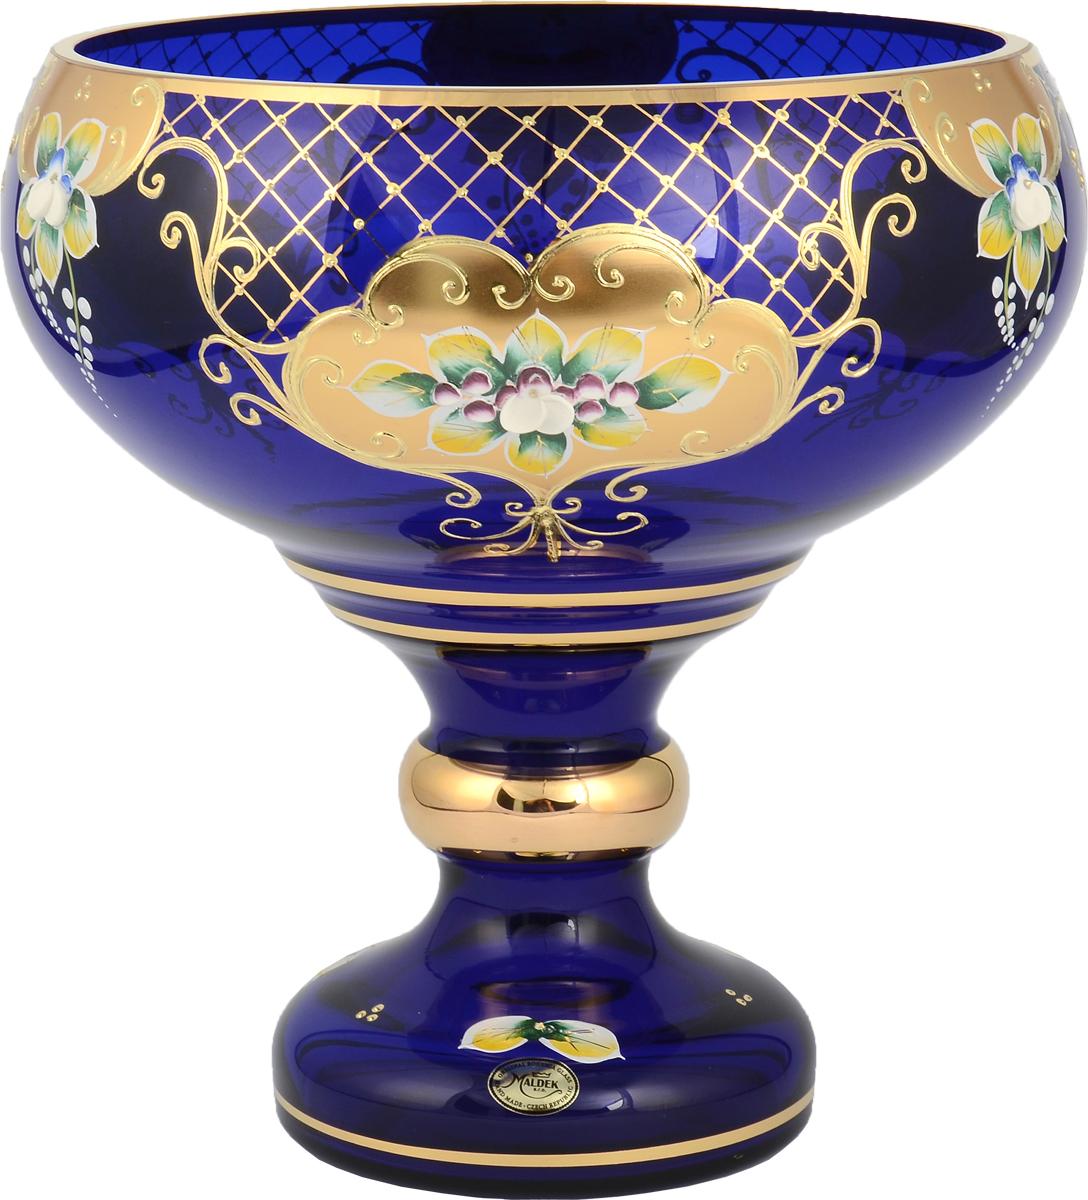 Фруктовница Bohemia, цвет: синий, 26 см. 2288622886Фруктовница Bohemia, выполненная из богемского стекла, сочетаетв себе классический дизайн с максимальнойфункциональностью. Фруктовницапредназначена для красивой сервировки конфет,фруктов и десертов. Элегантная и стильная, онаукрасит сервировку вашего стола и подчеркнетпрекрасный вкус хозяйки, а также станет отличнымподарком.